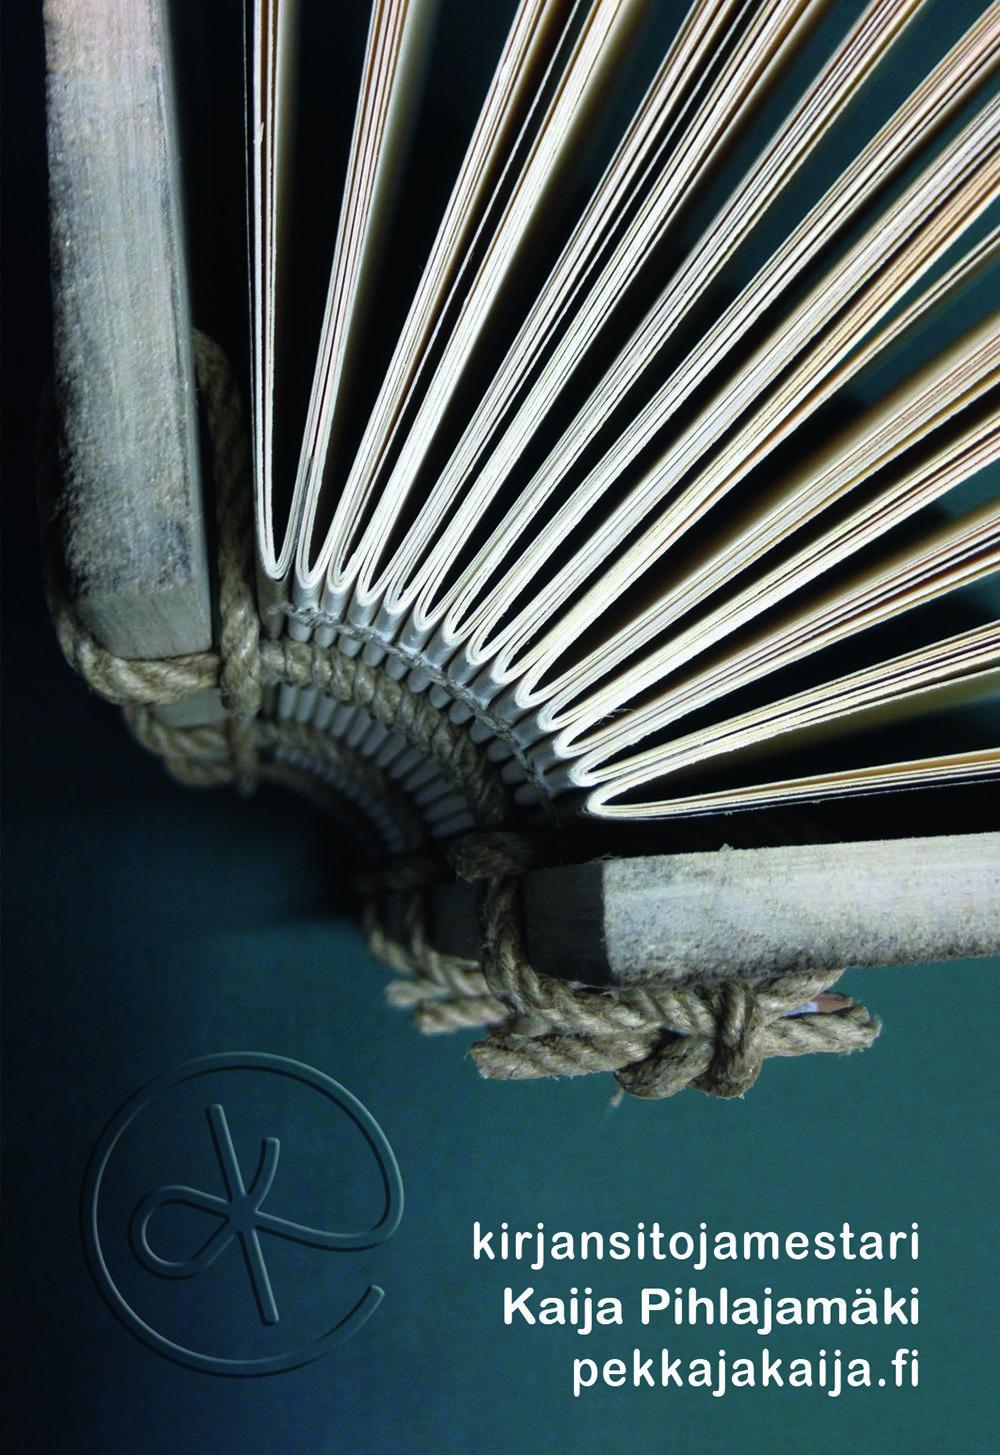 Vanhan Kirjallisuuden Päivät